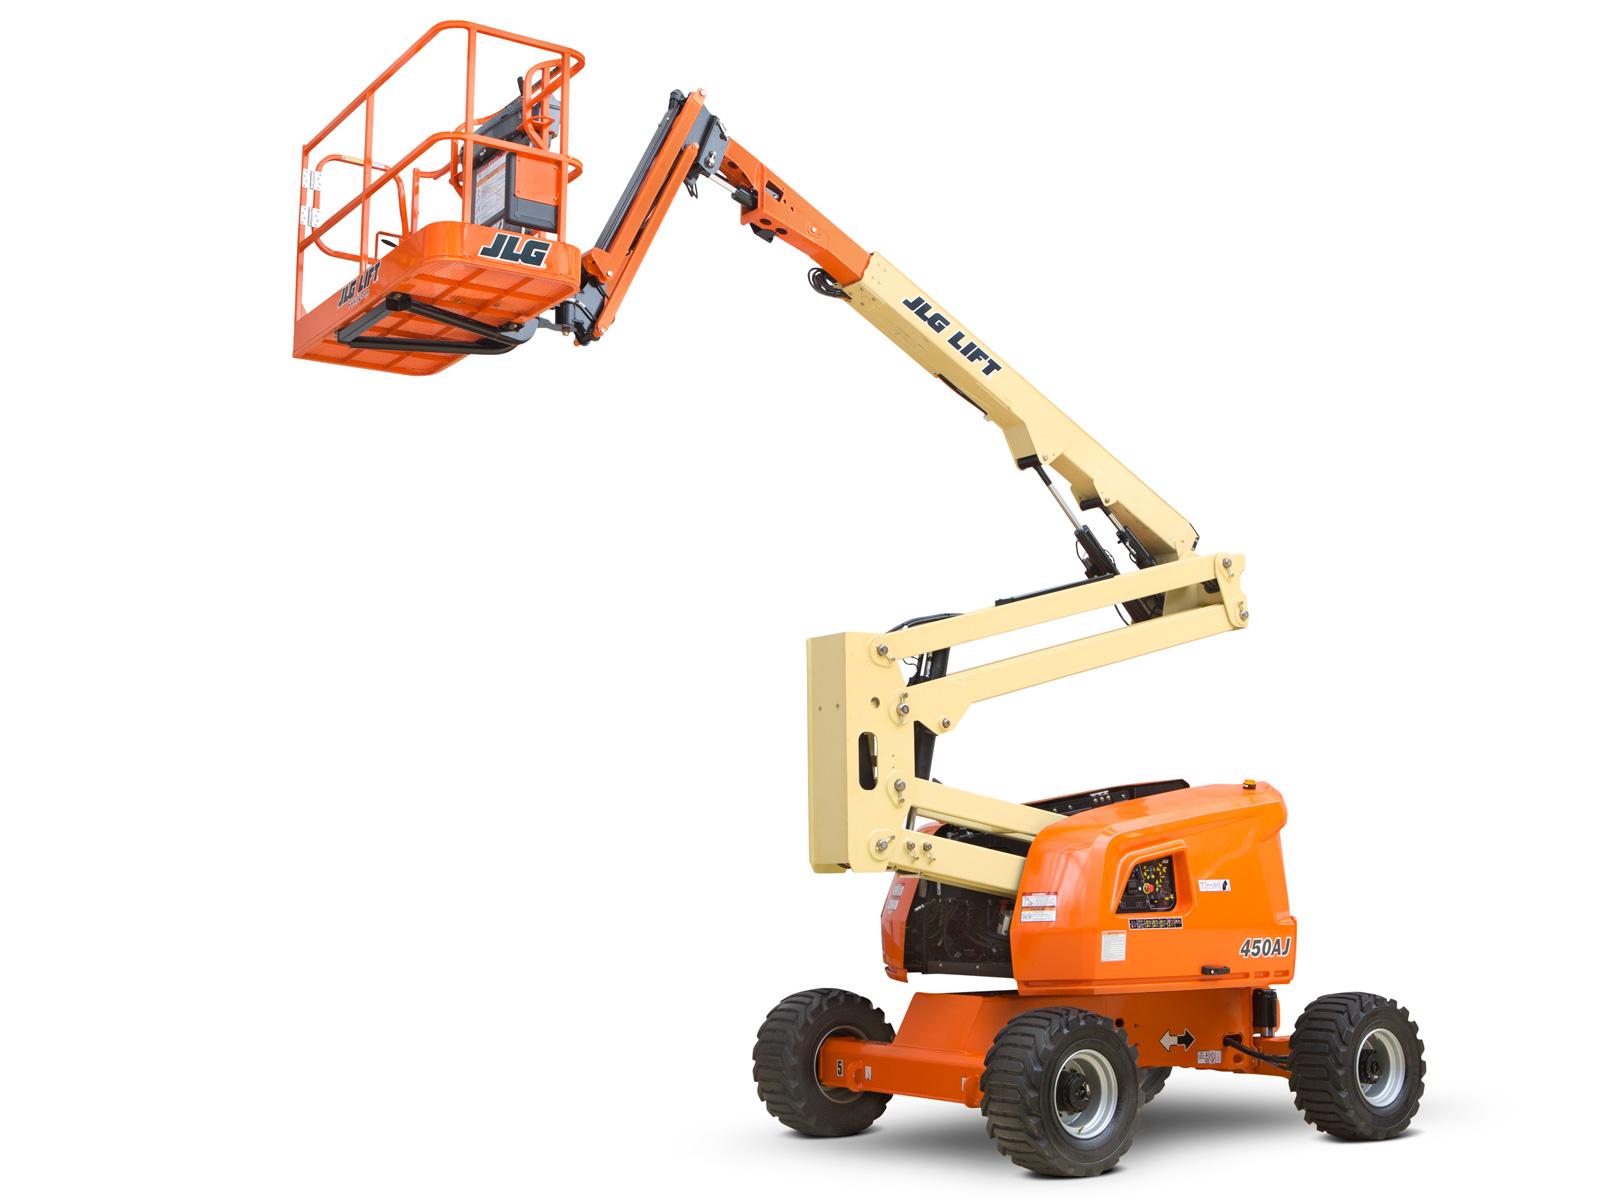 Jlg Boom Lift : Aj articulating boom lift jlg